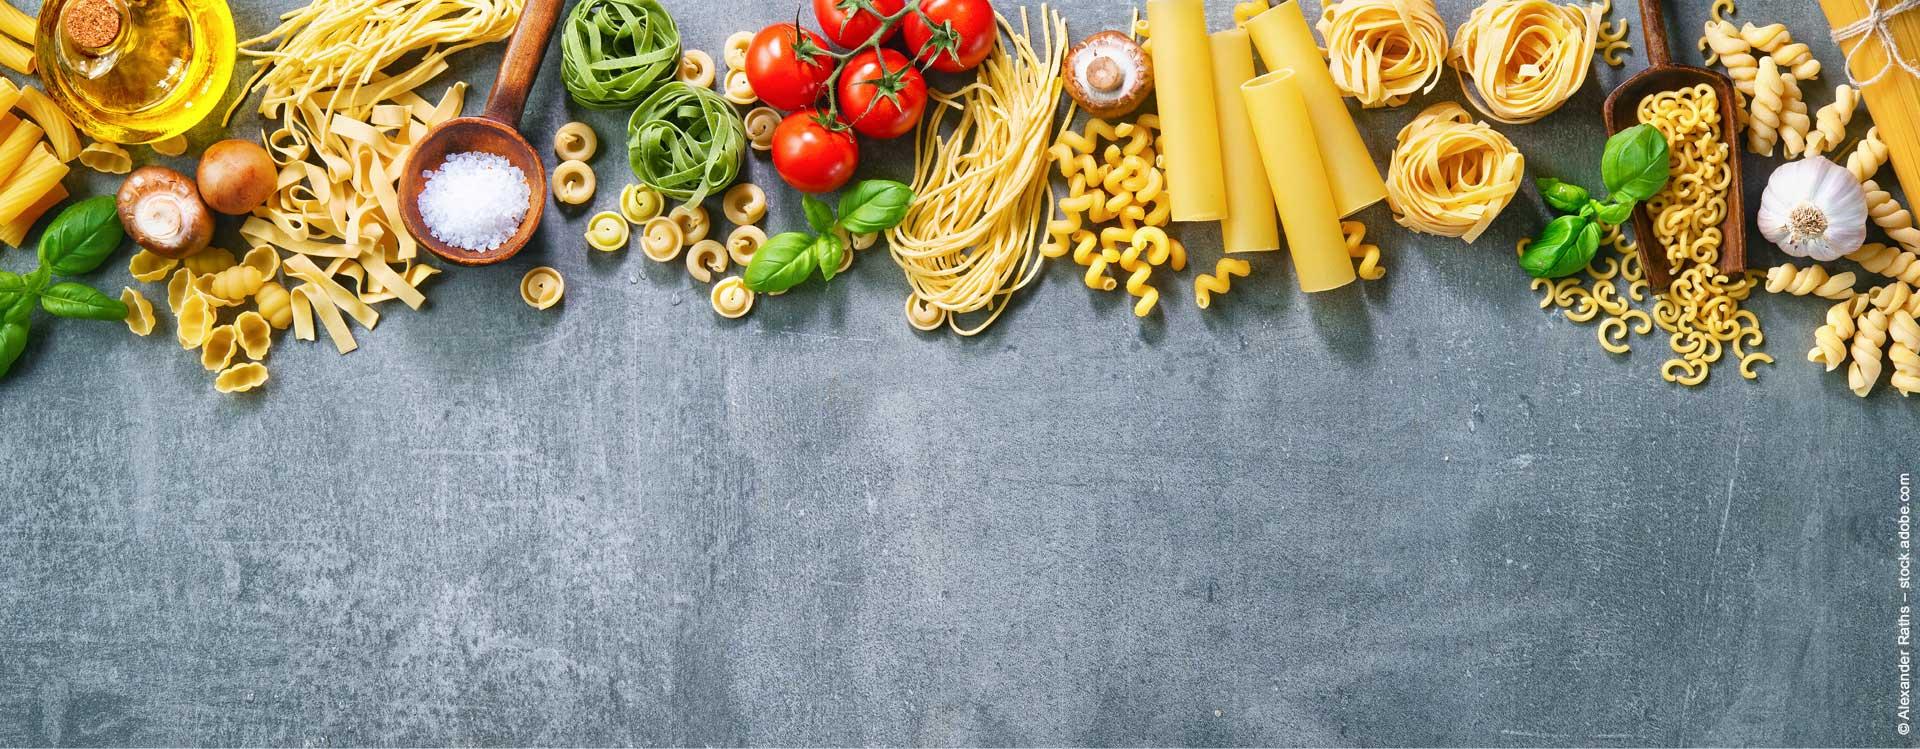 Pasta Mediterrane Produkte